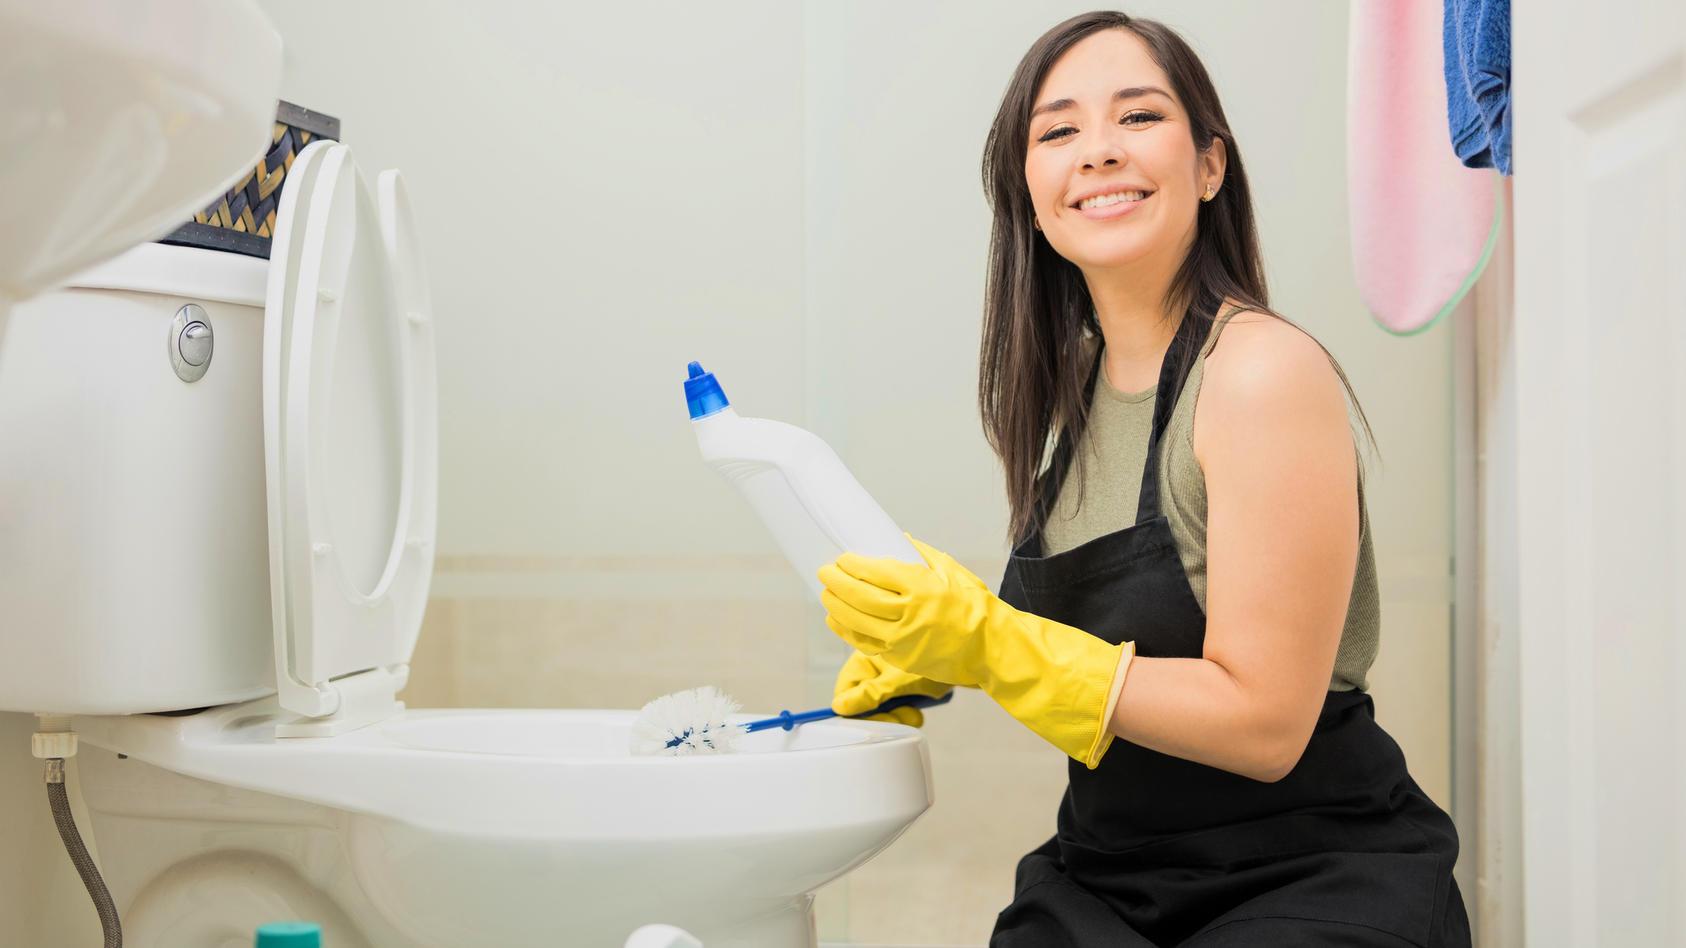 Beim Reinigen des WCs sollten Sie vorsichtshalber Haushaltshandschuhe tragen.